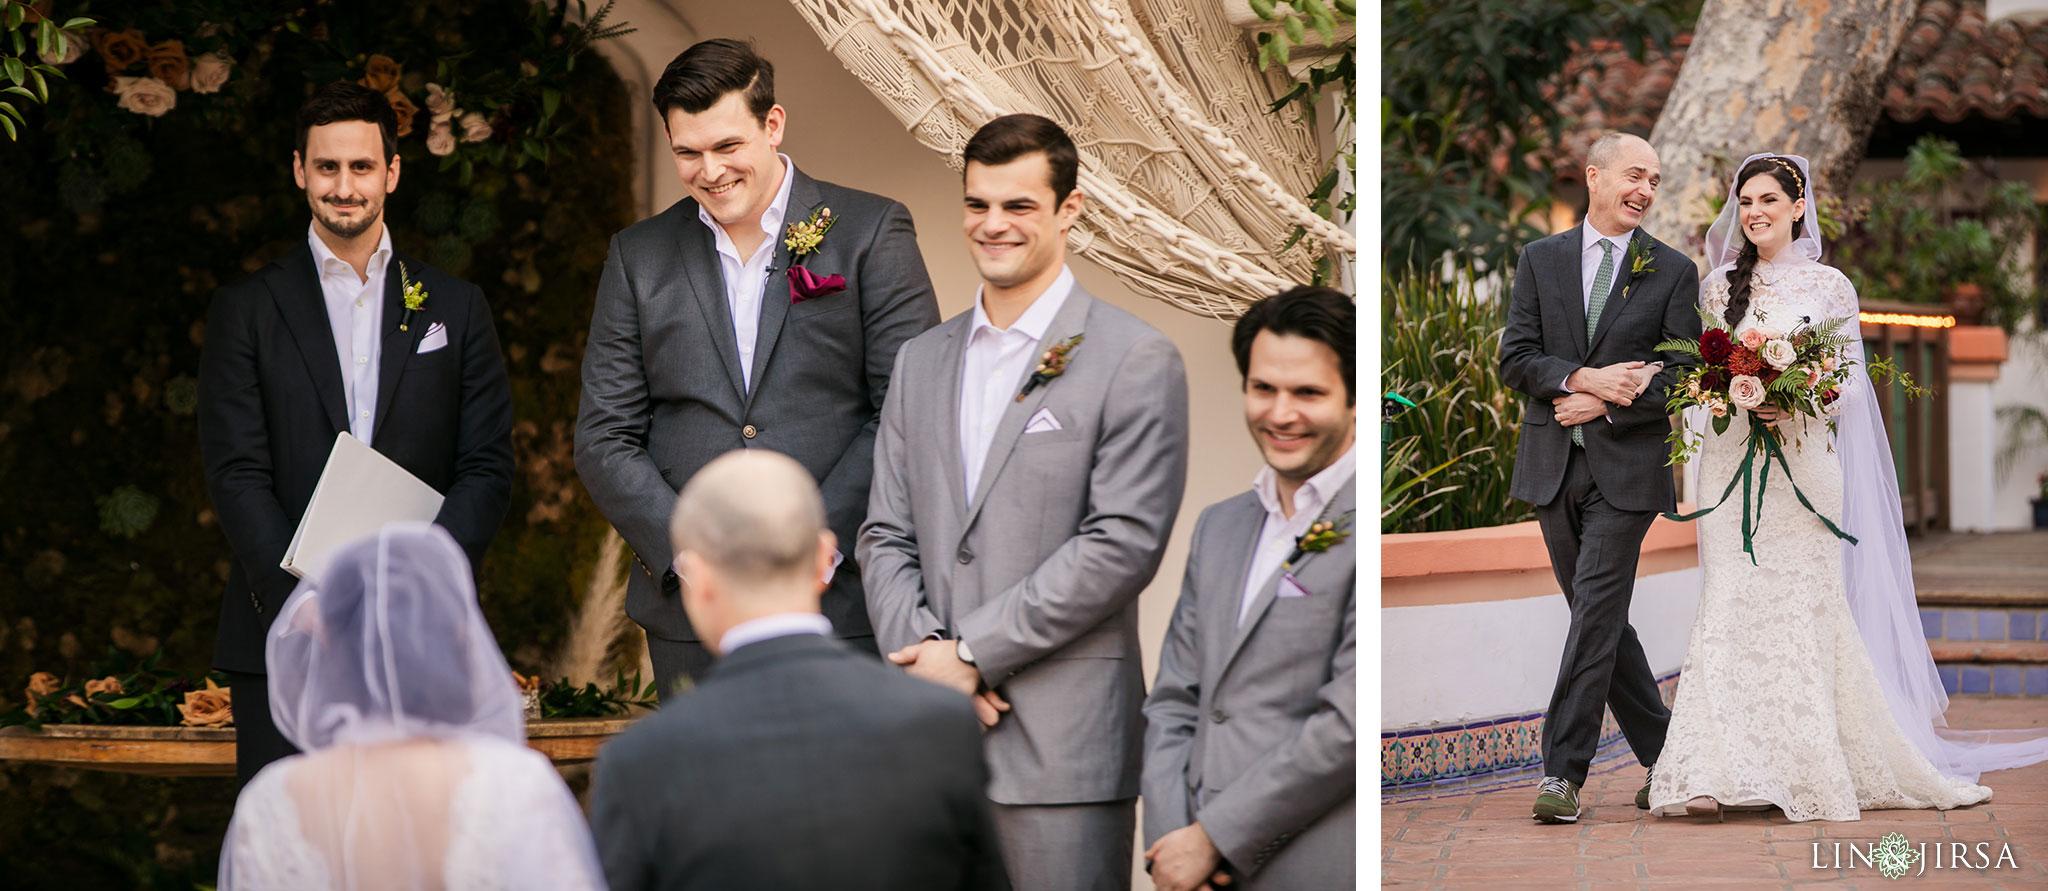 26 Rancho Las Lomas Silverado Wedding Photography